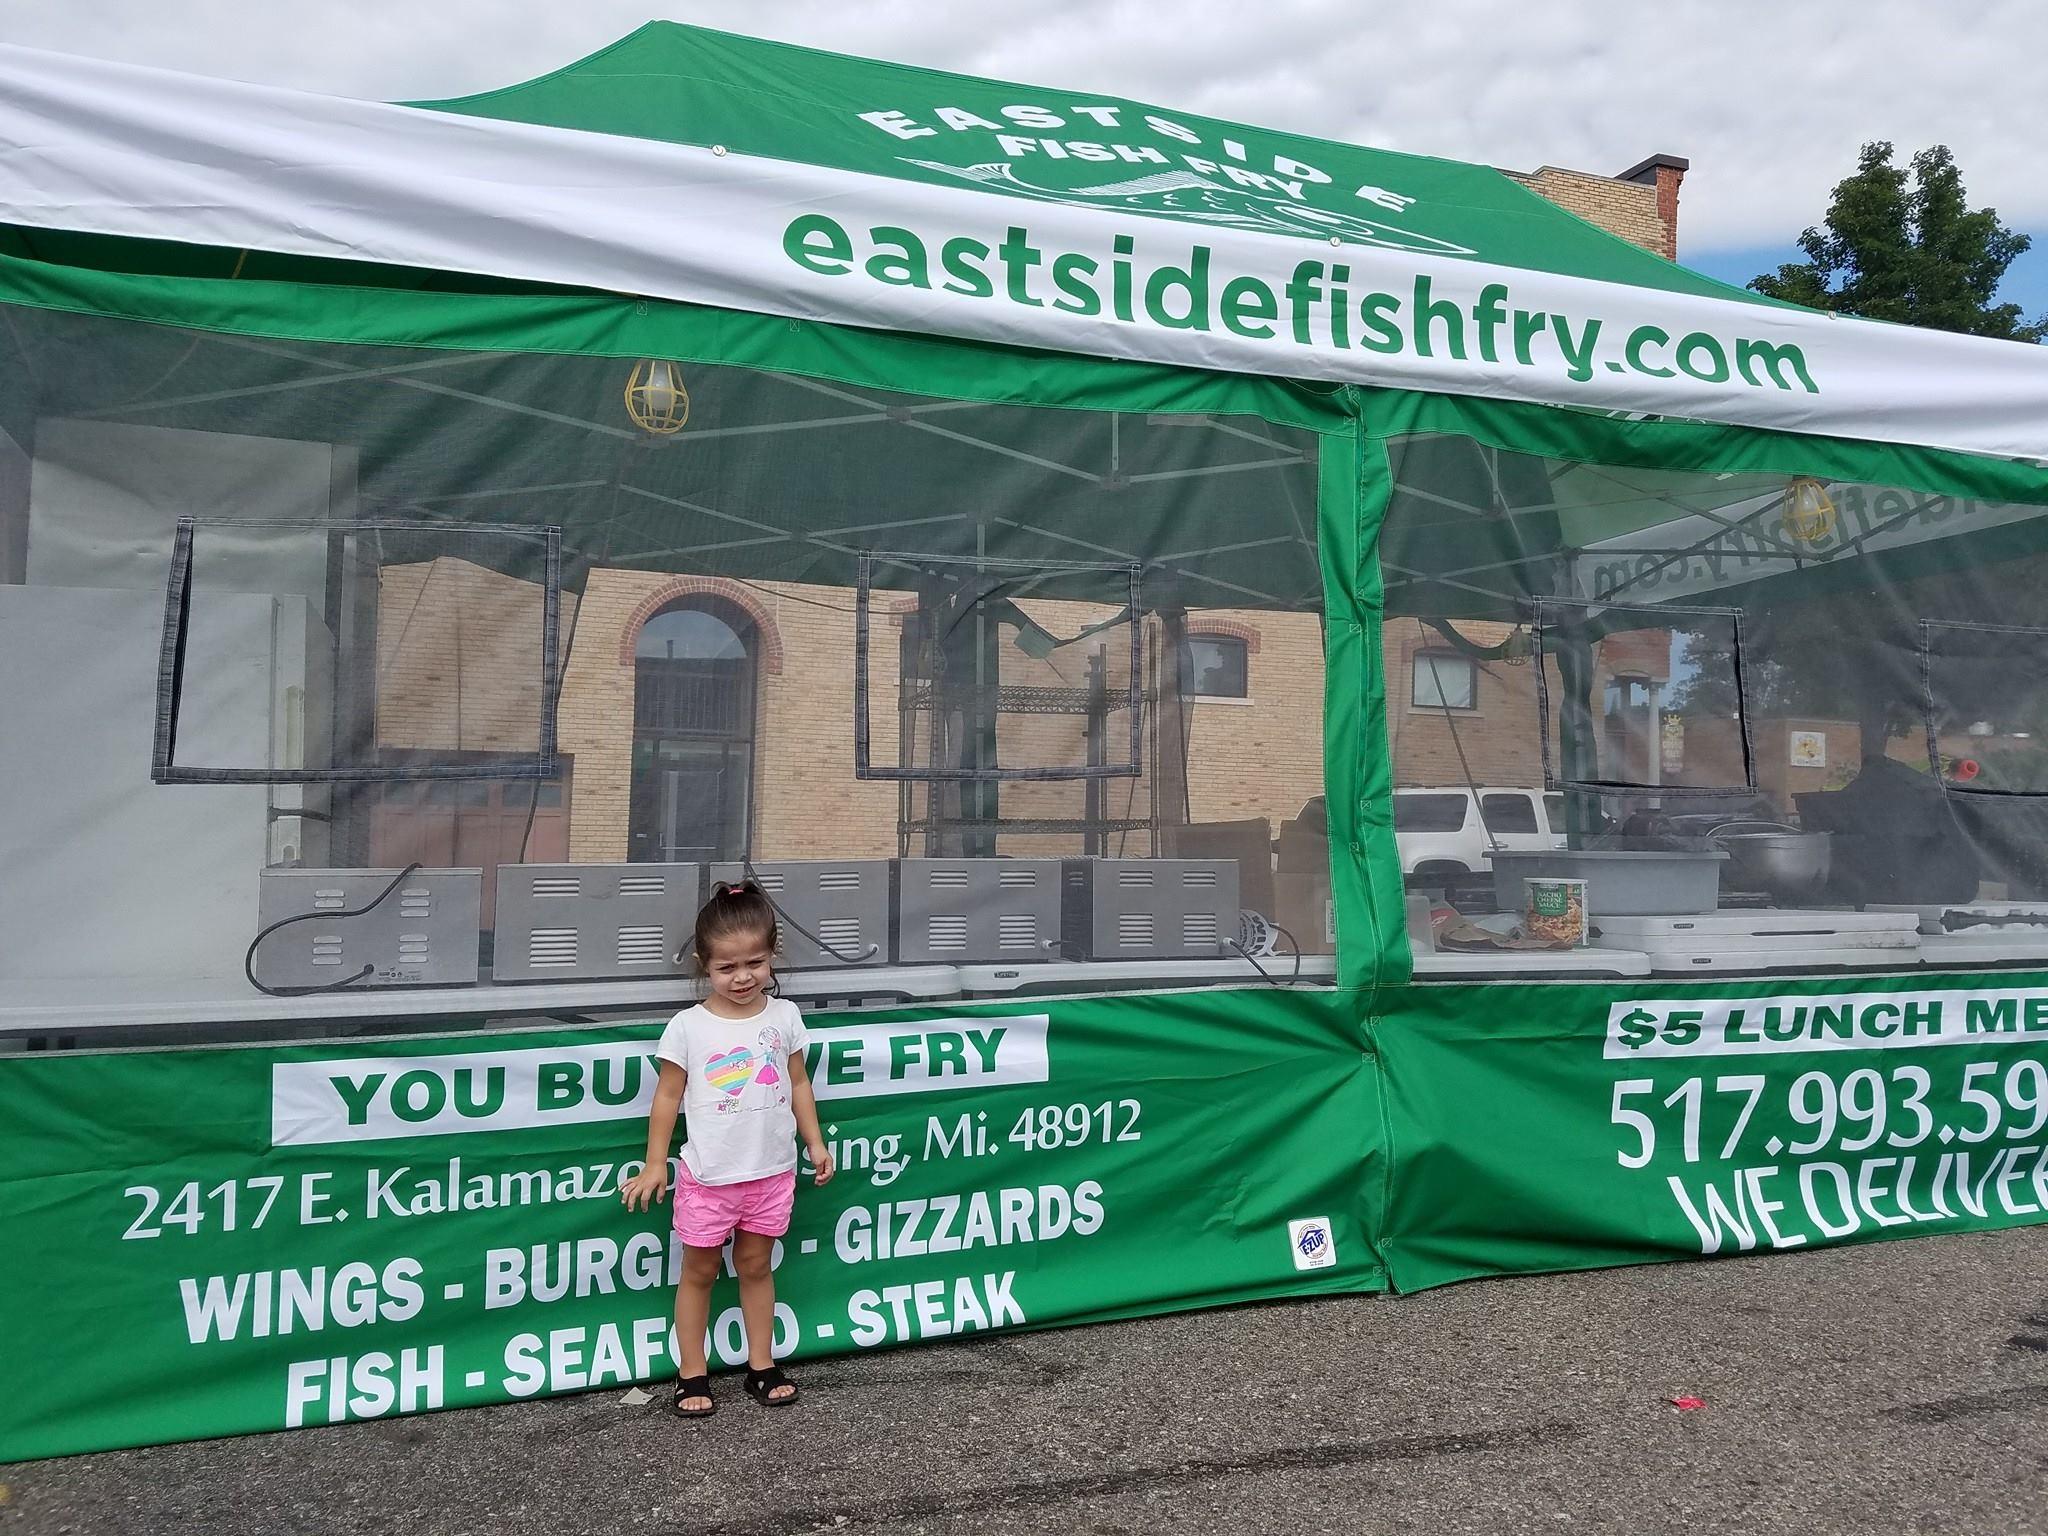 Eastside fish fry grill lansing michigan mi for Fish fry lansing